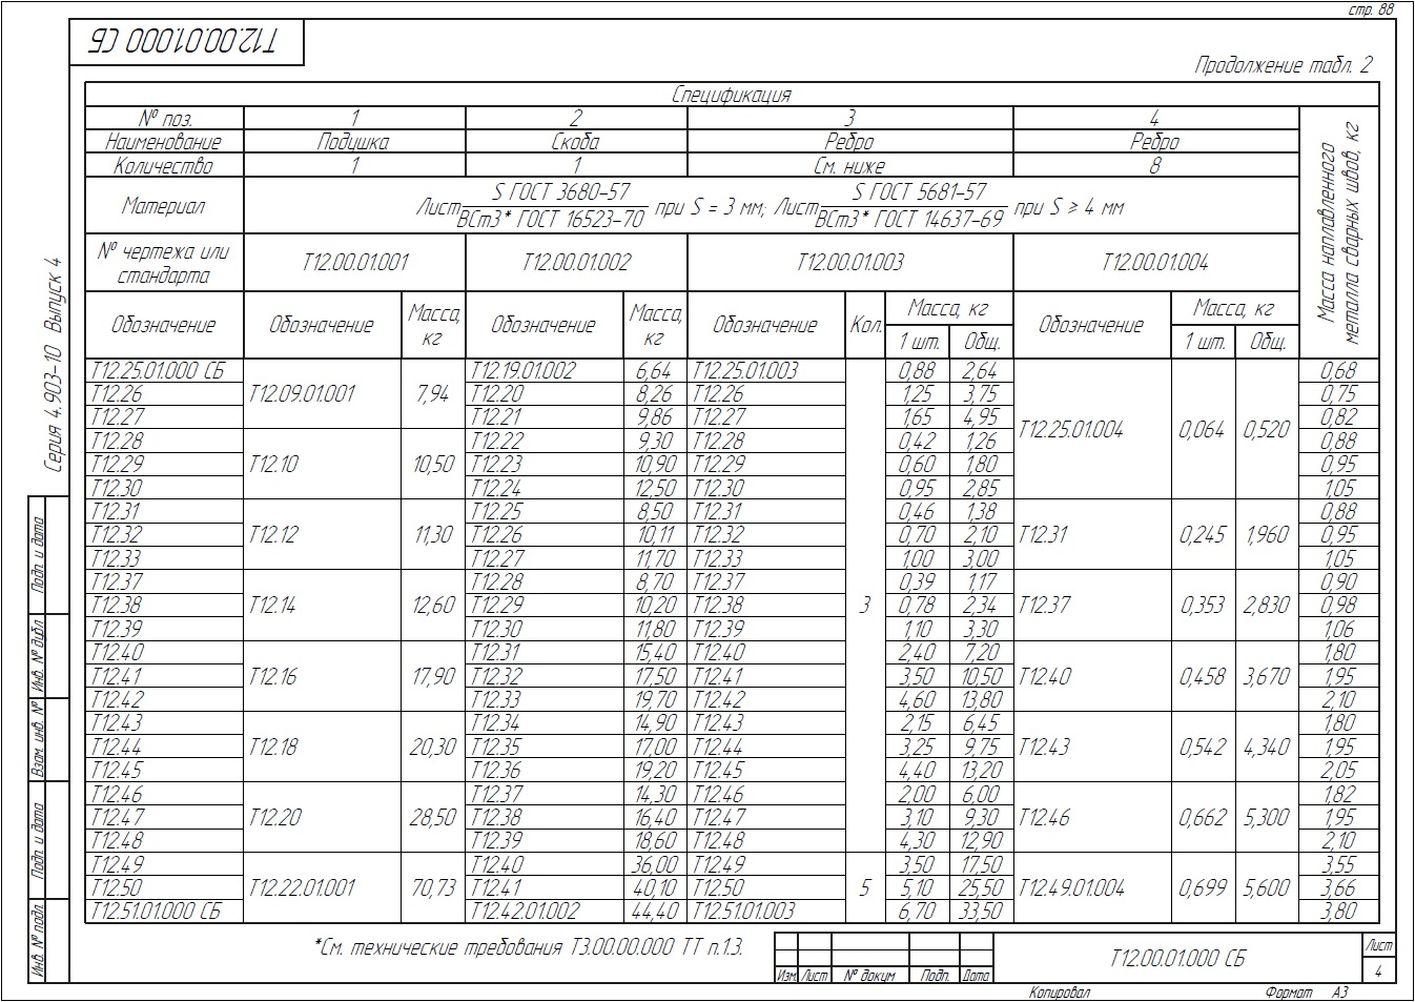 Опора неподвижная хомутовая Т12 серия 4.903-10 вып.4 стр.9